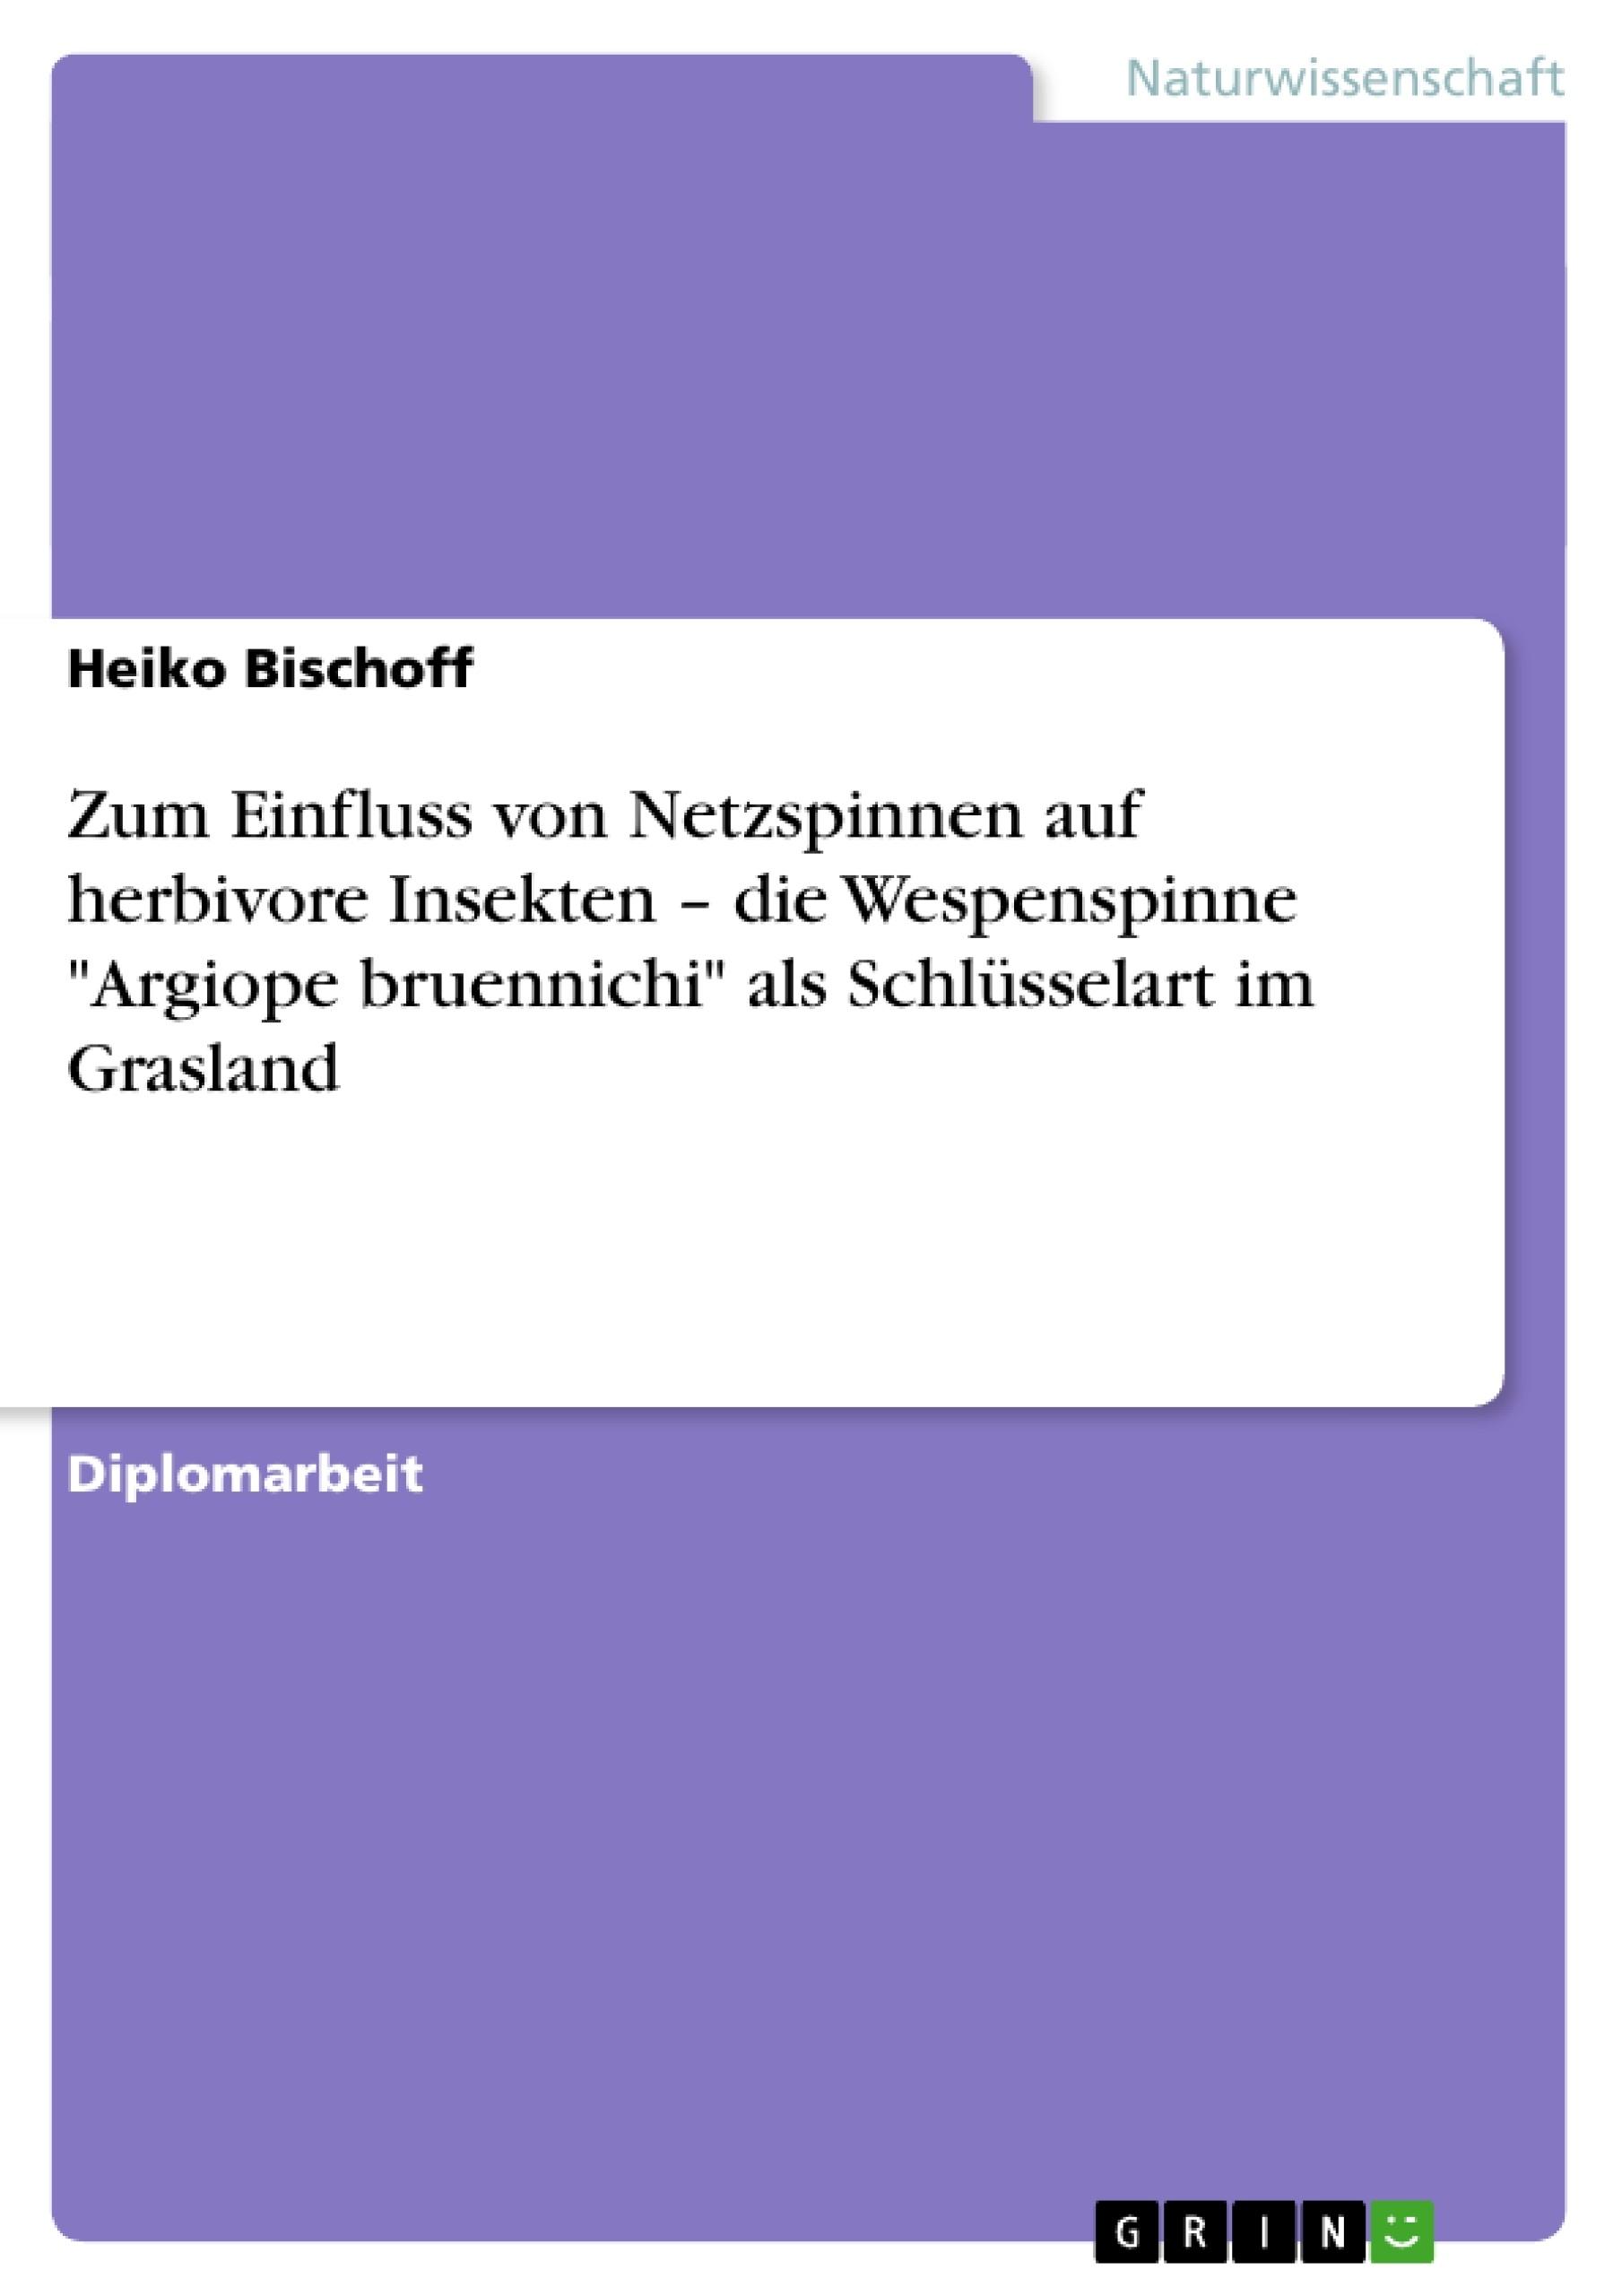 """Titel: Zum Einfluss von Netzspinnen auf herbivore Insekten – die Wespenspinne  """"Argiope bruennichi"""" als Schlüsselart im Grasland"""